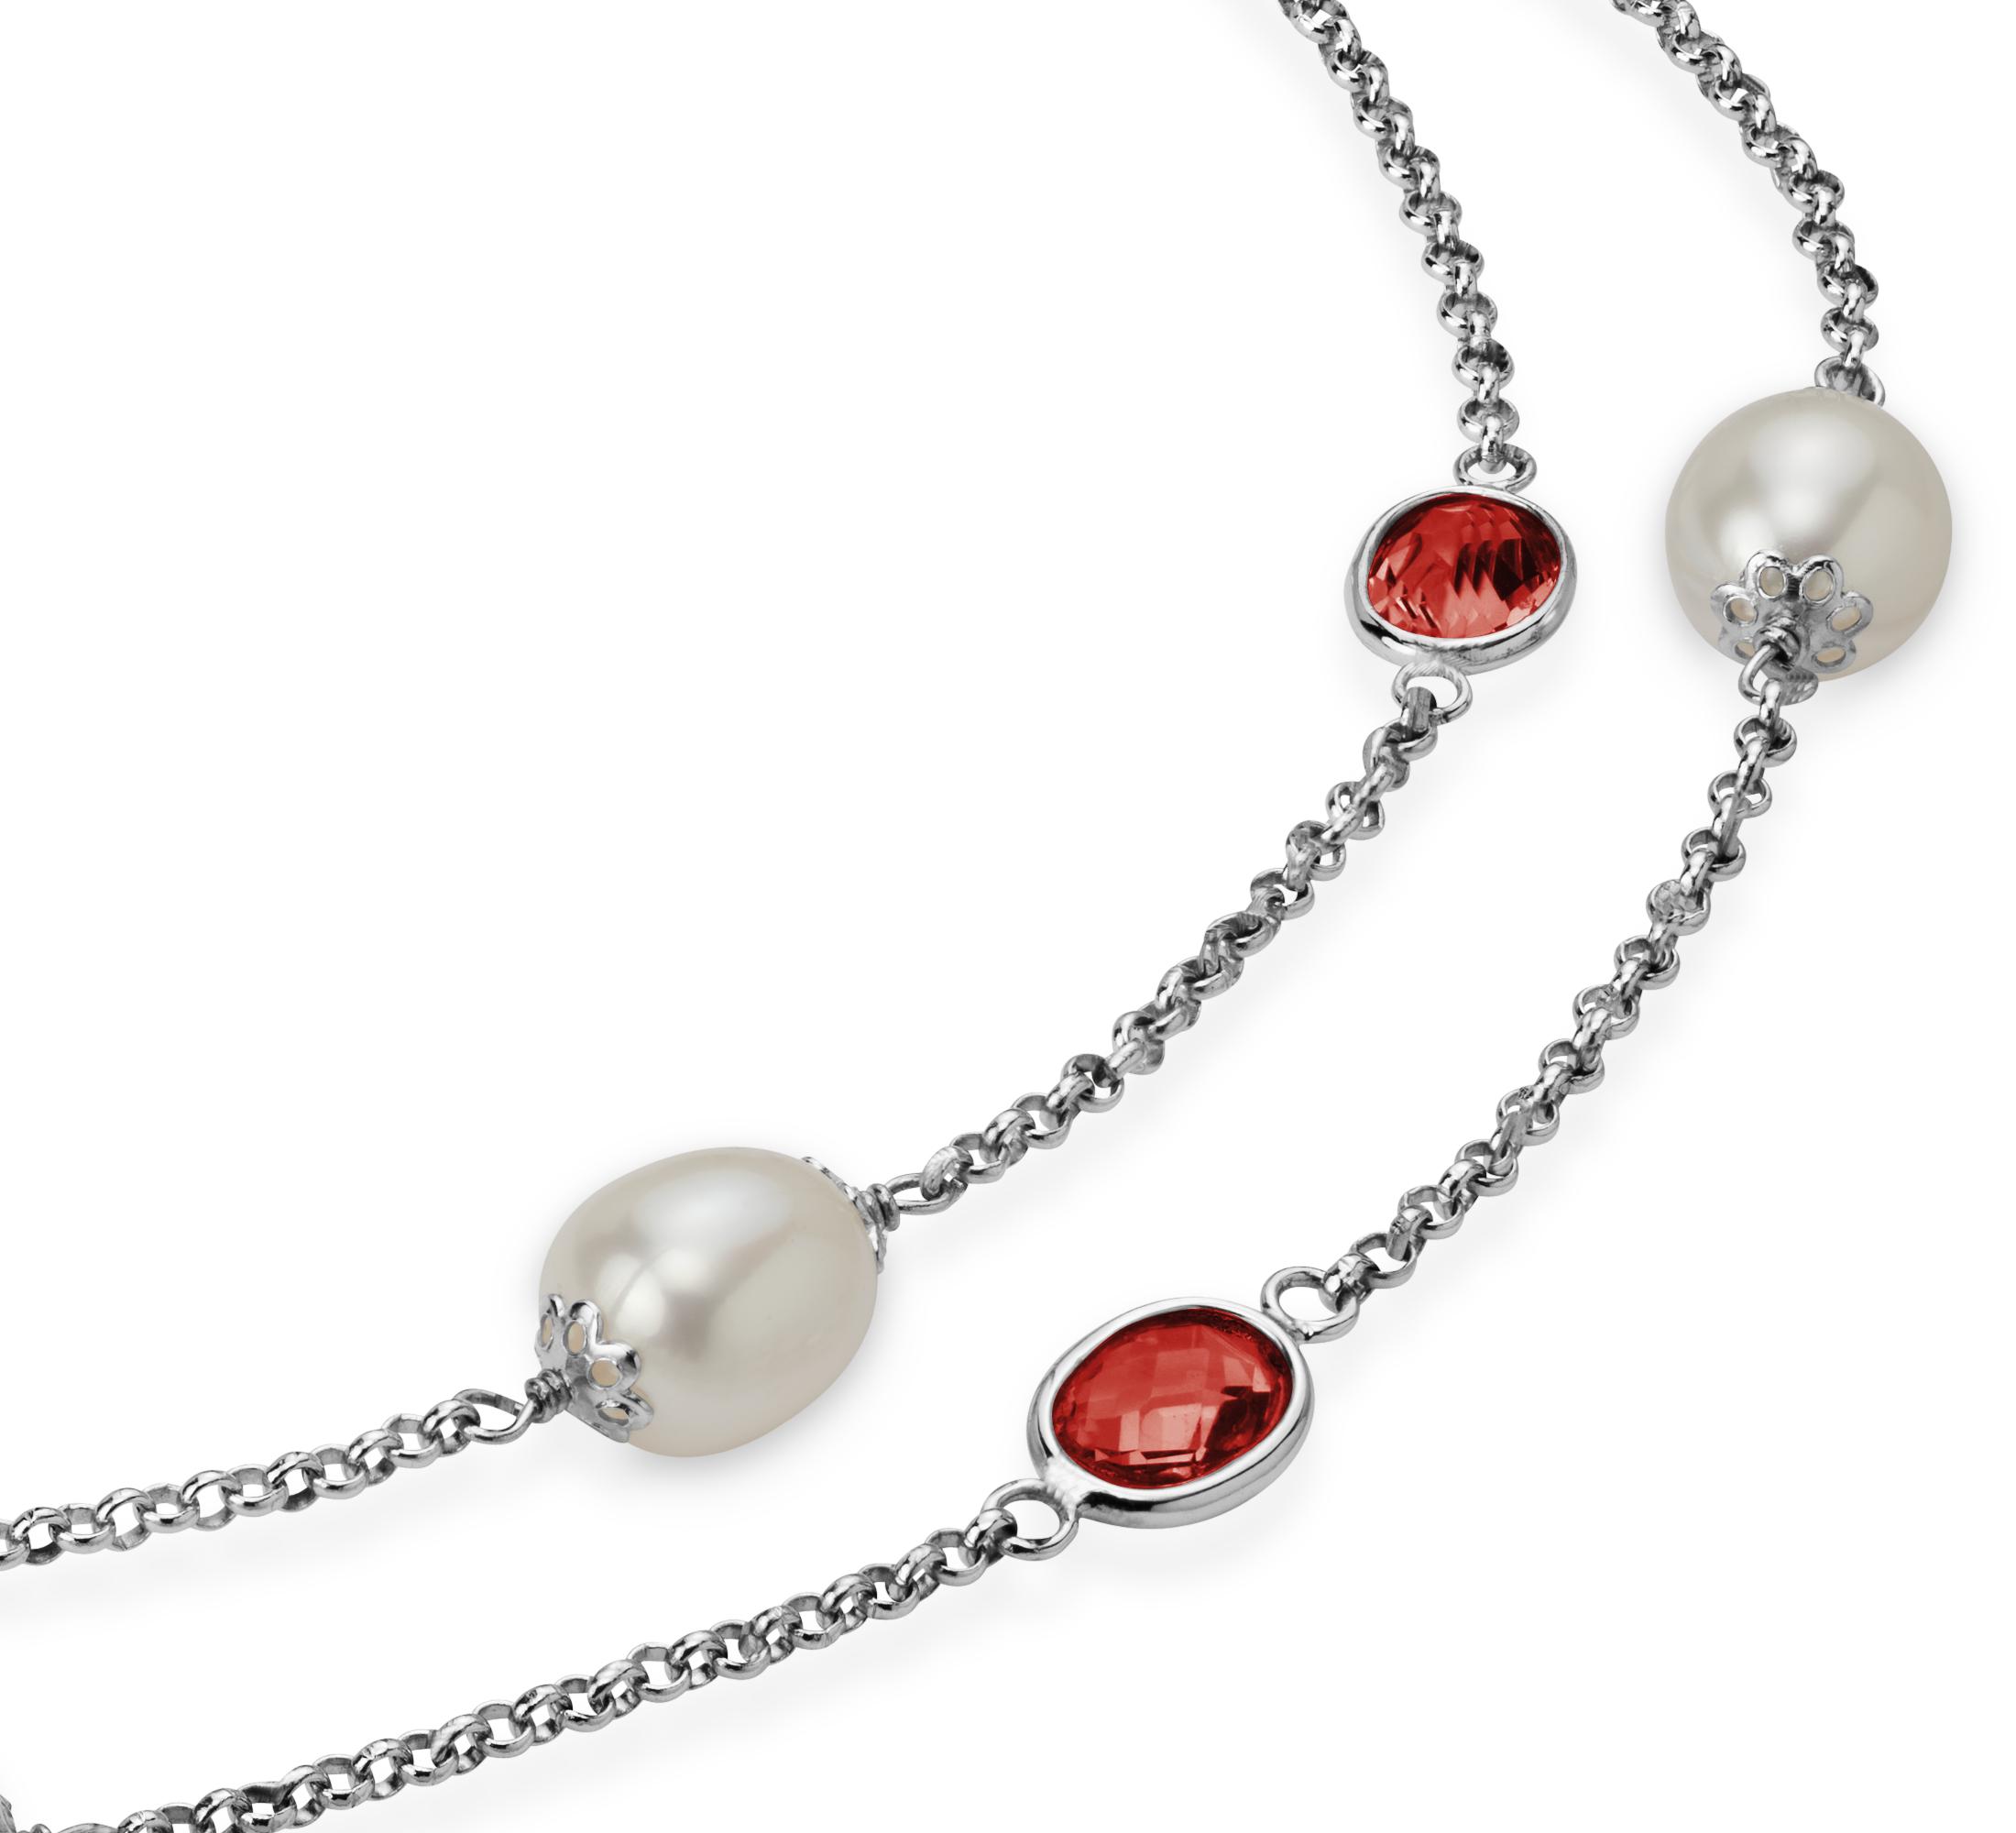 Collier de perles de culture d'eau douce et grenat en argent sterling - 36